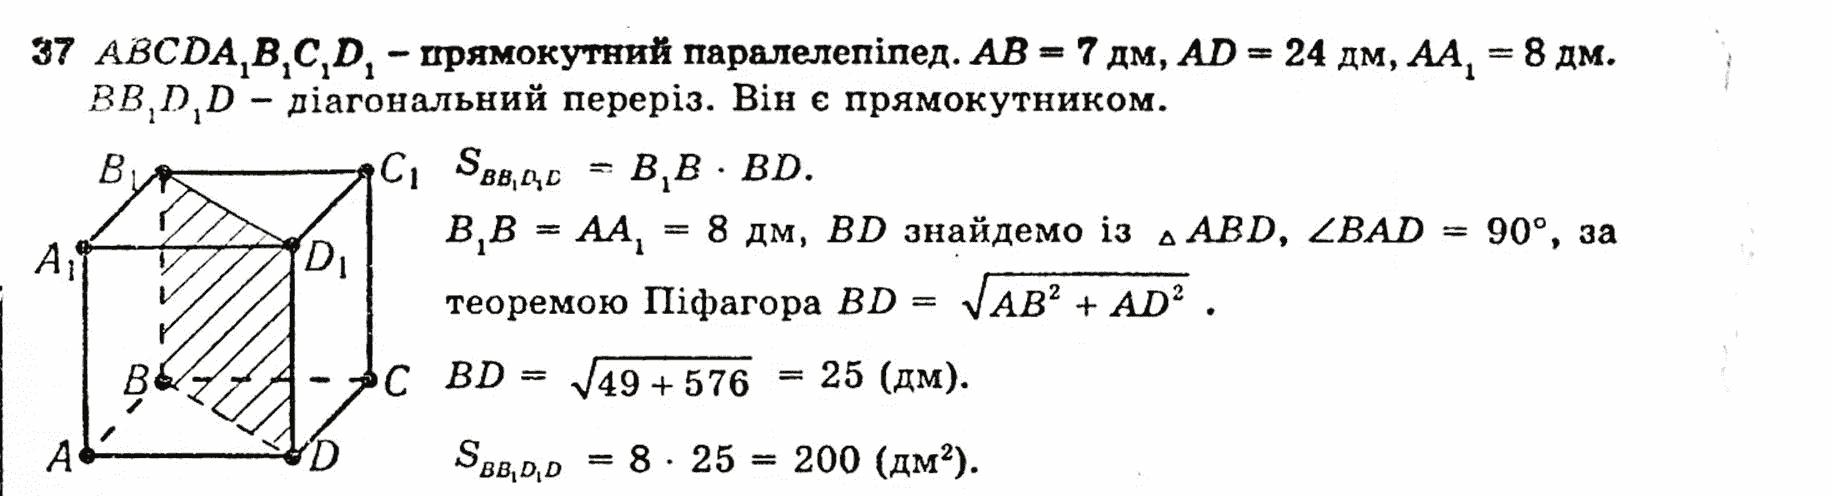 ставкур гдз геометрия